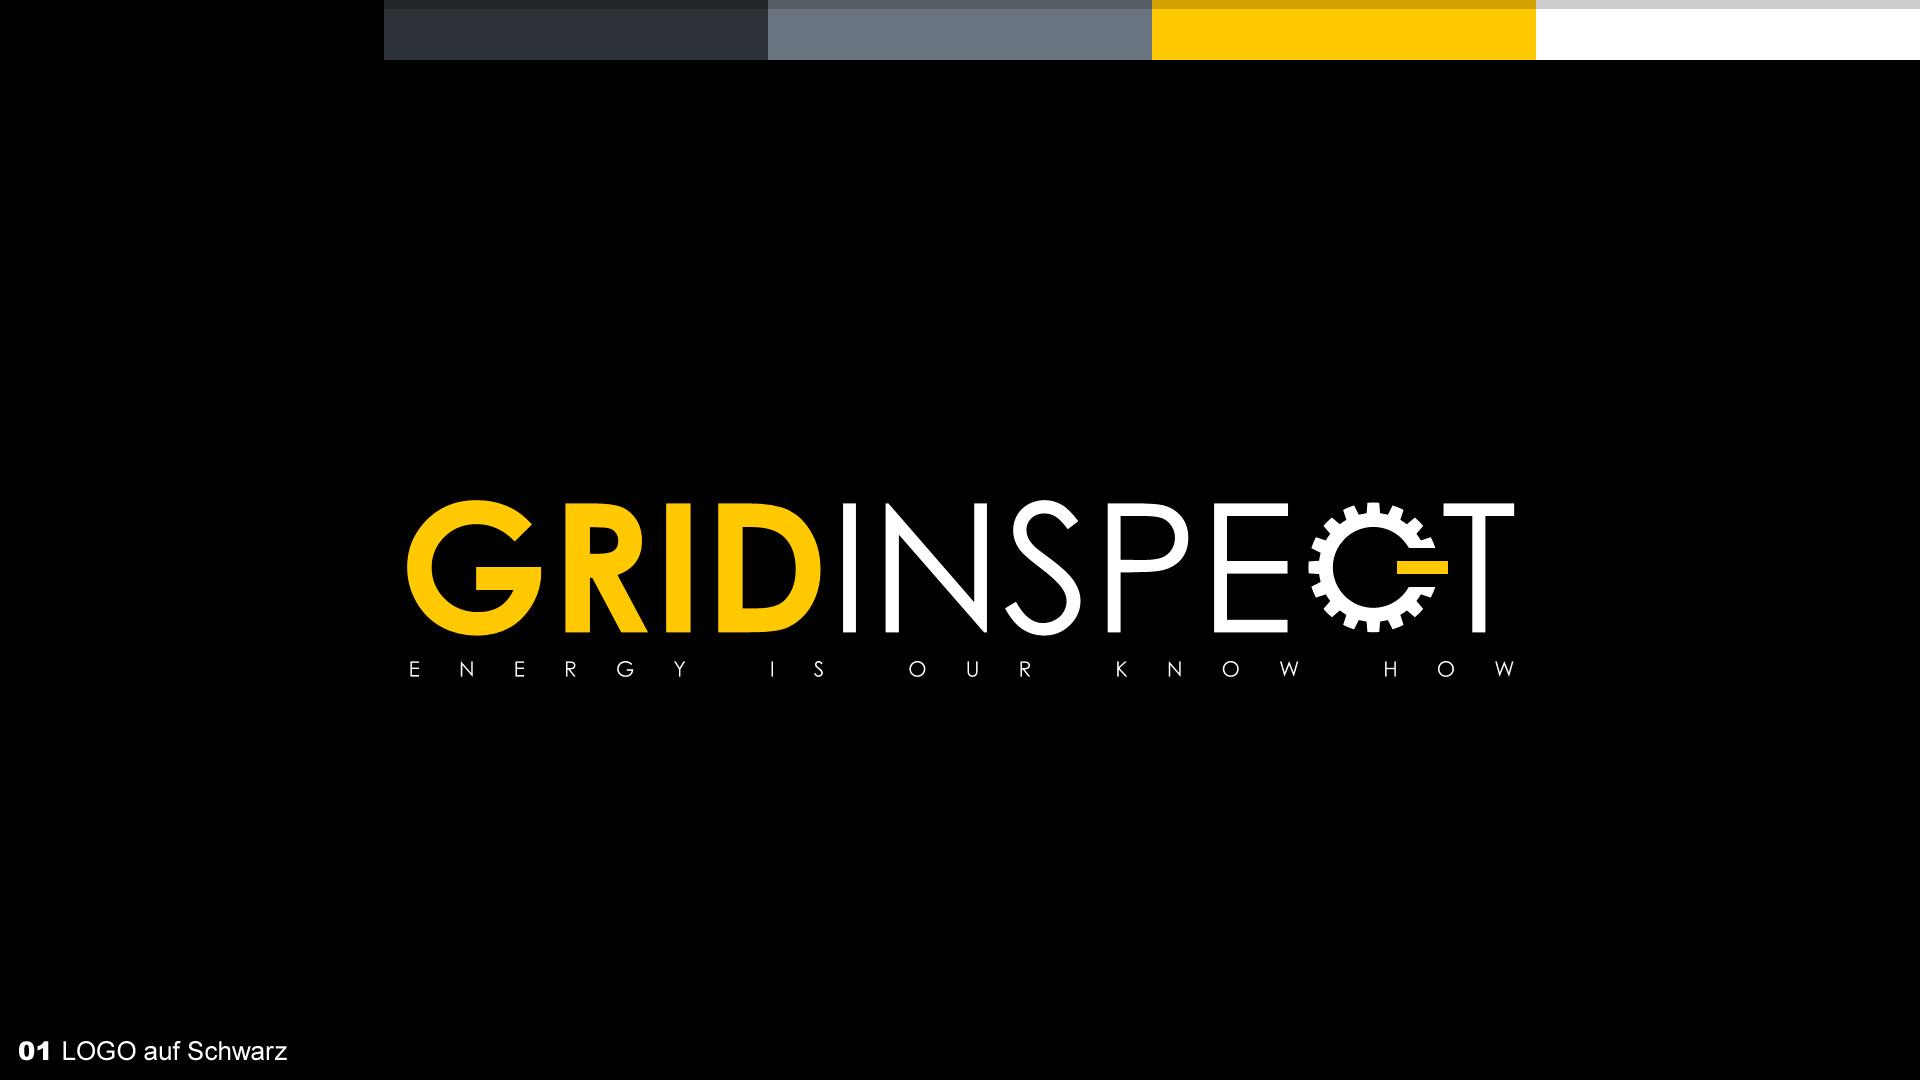 03_gridinspect_ci2013